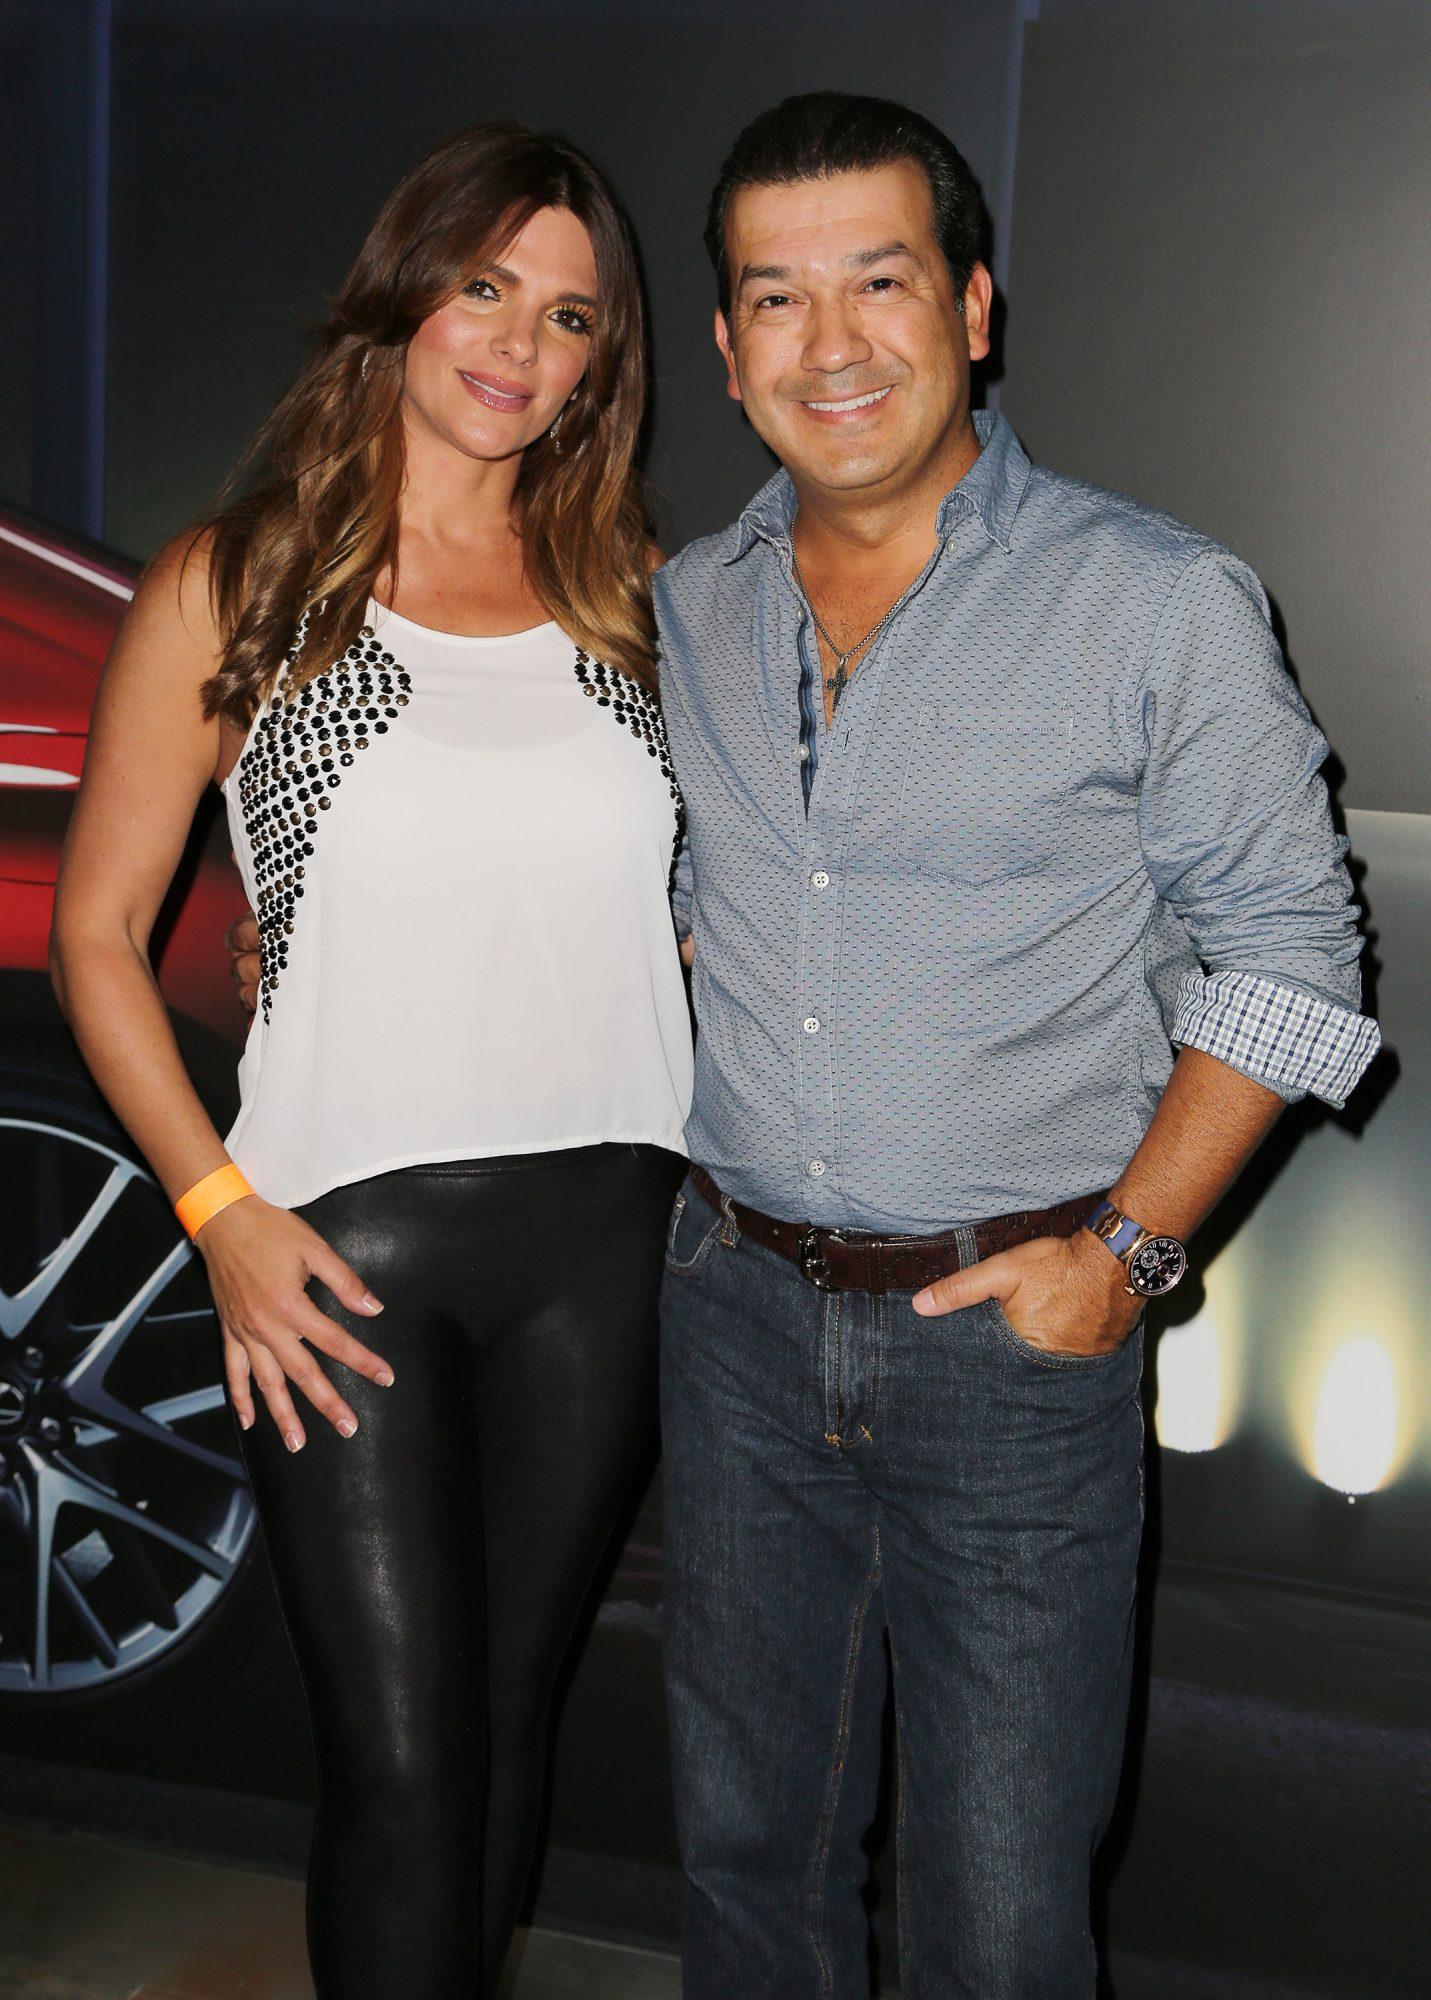 Barbara Bermudo y Mario Andres Moreno